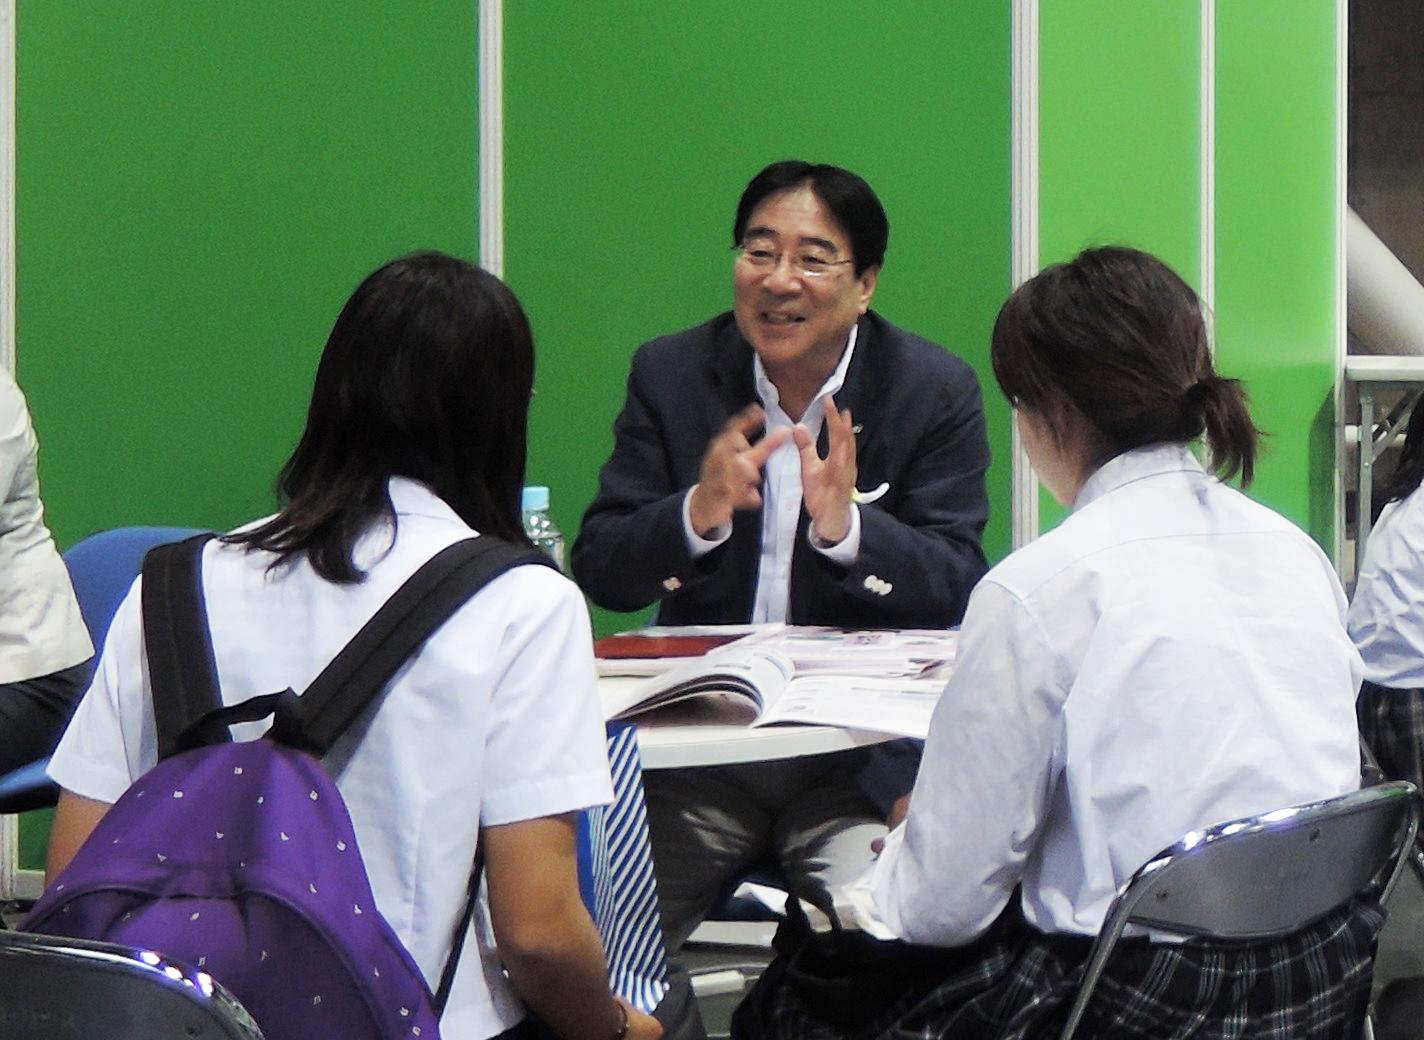 大阪学院大学 経営学部 ホスピタリティ経営学科 森重喜三雄 先生